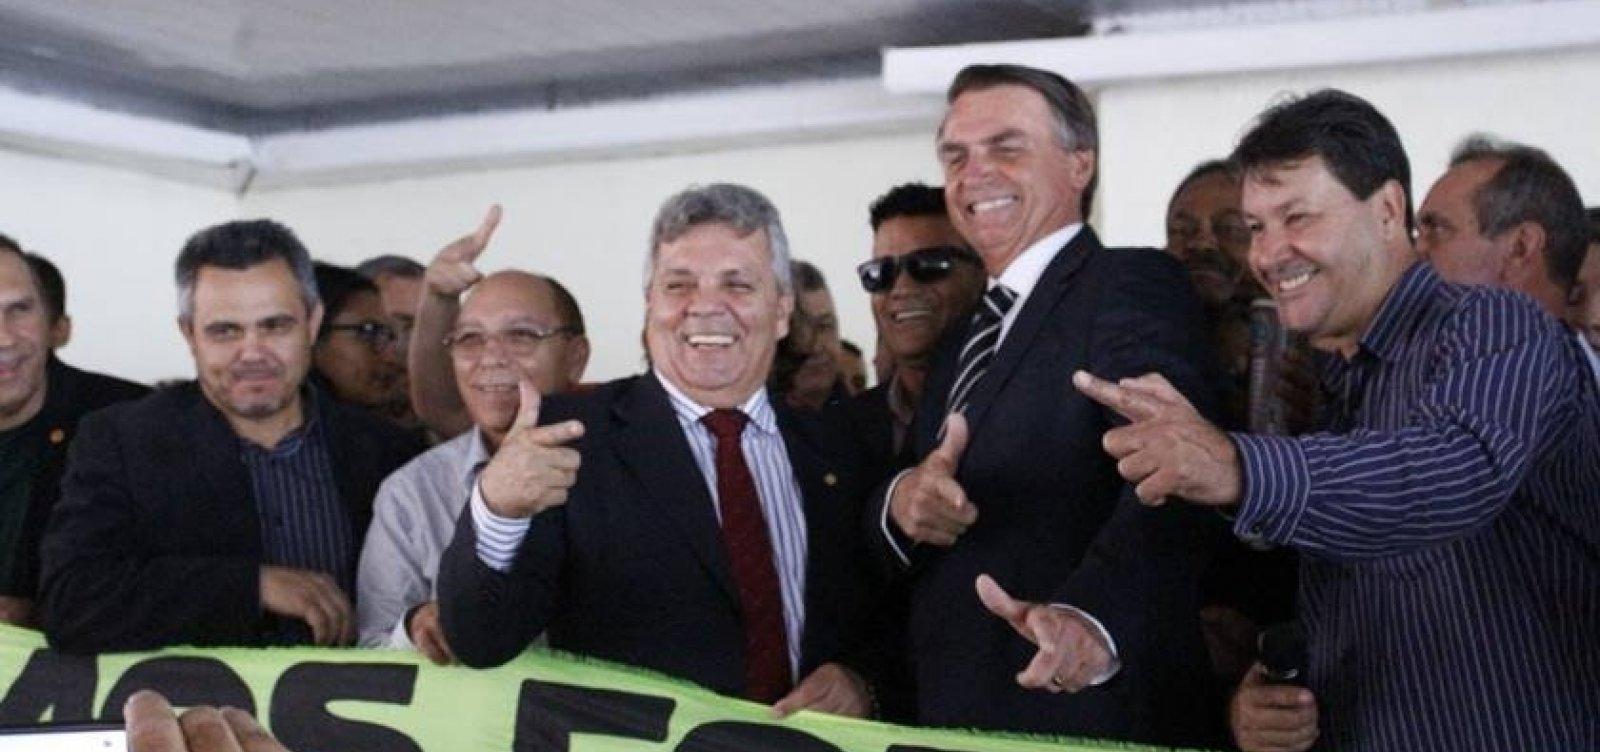 Condenado por cobrança de propina é cotado a cargo no governo Bolsonaro